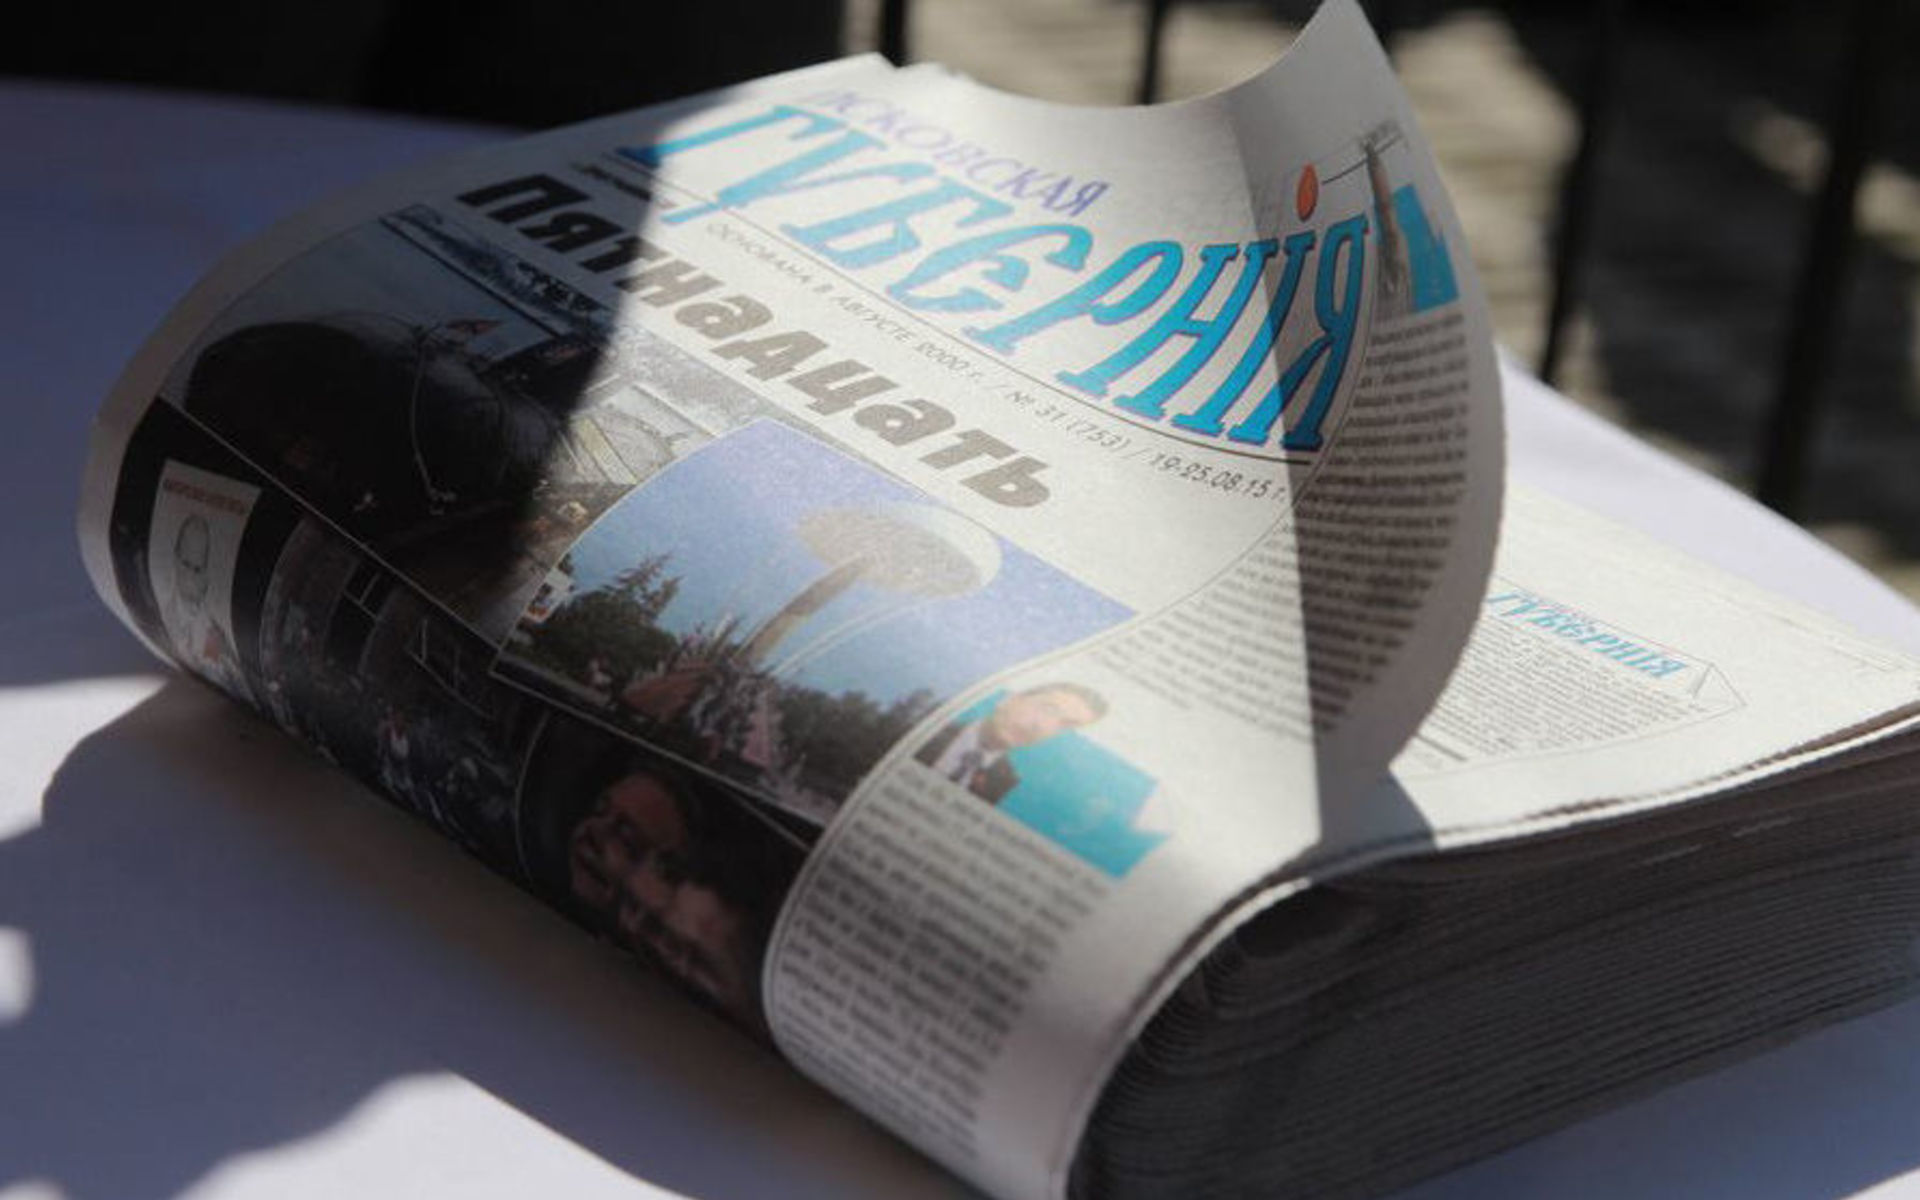 Картинки по запросу новая газета фото сознательный гражданин в штатском